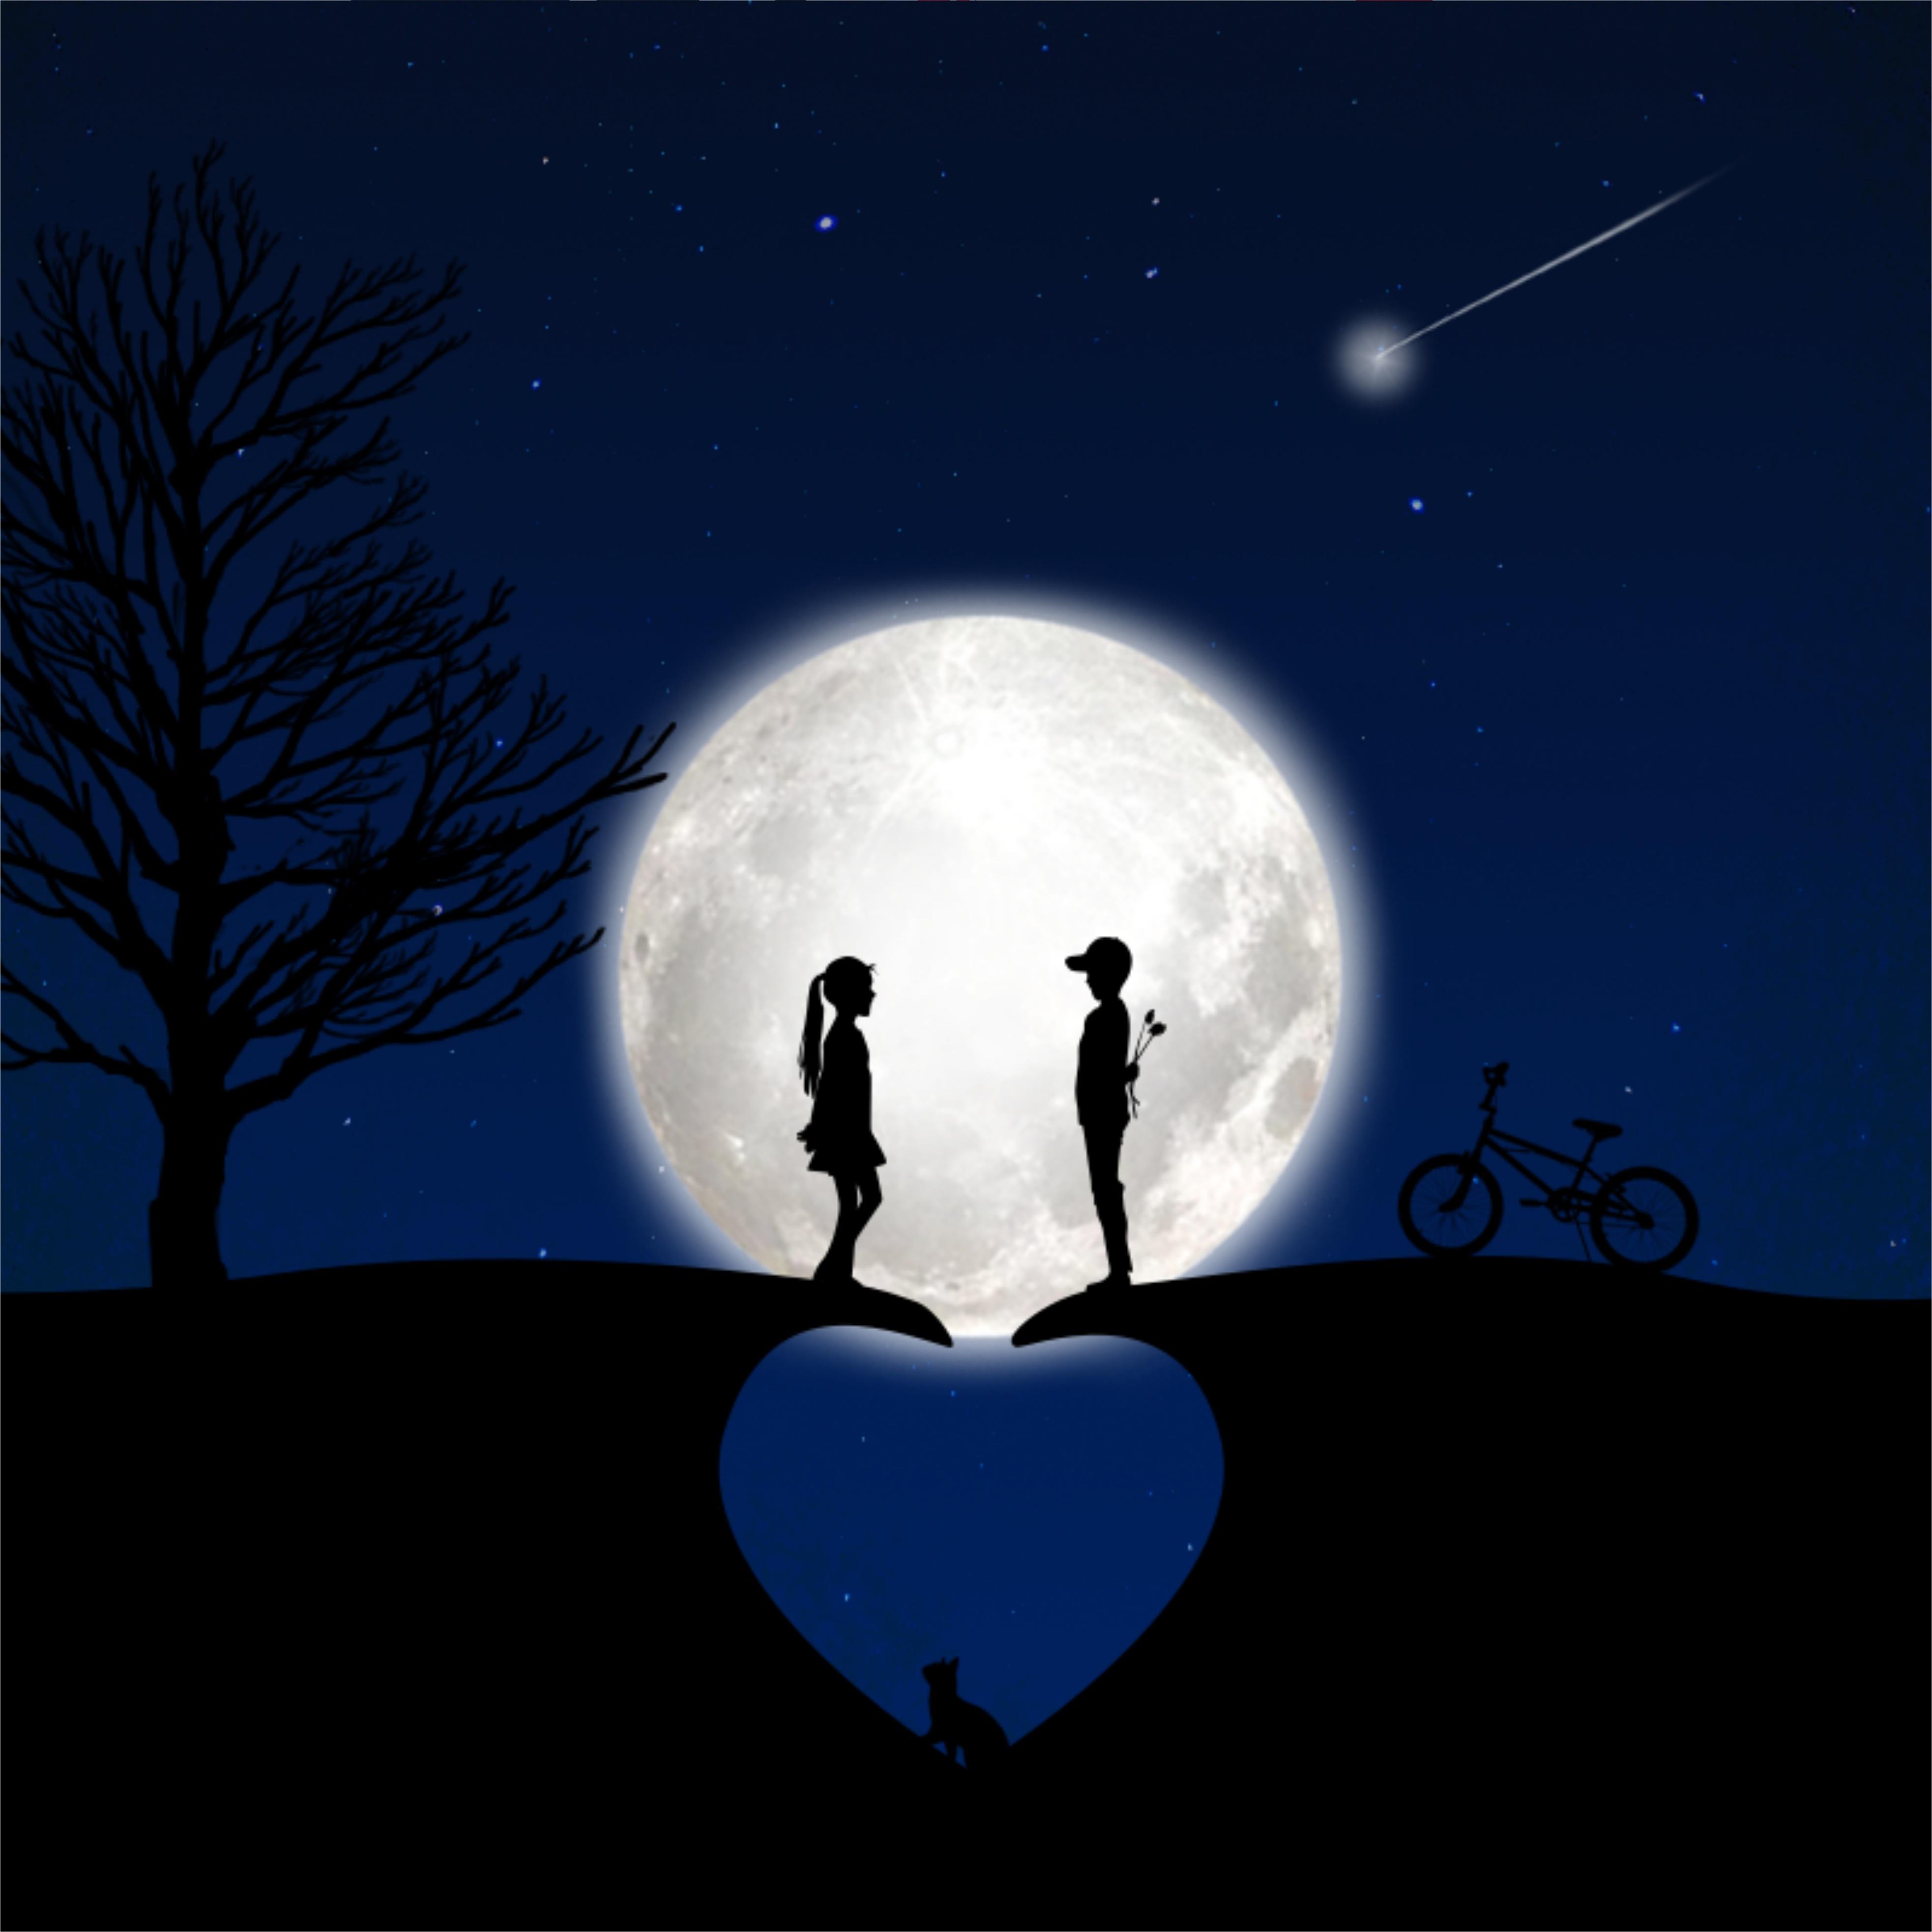 59256 скачать обои Луна, Дети, Романтика, Любовь, Силуэты - заставки и картинки бесплатно